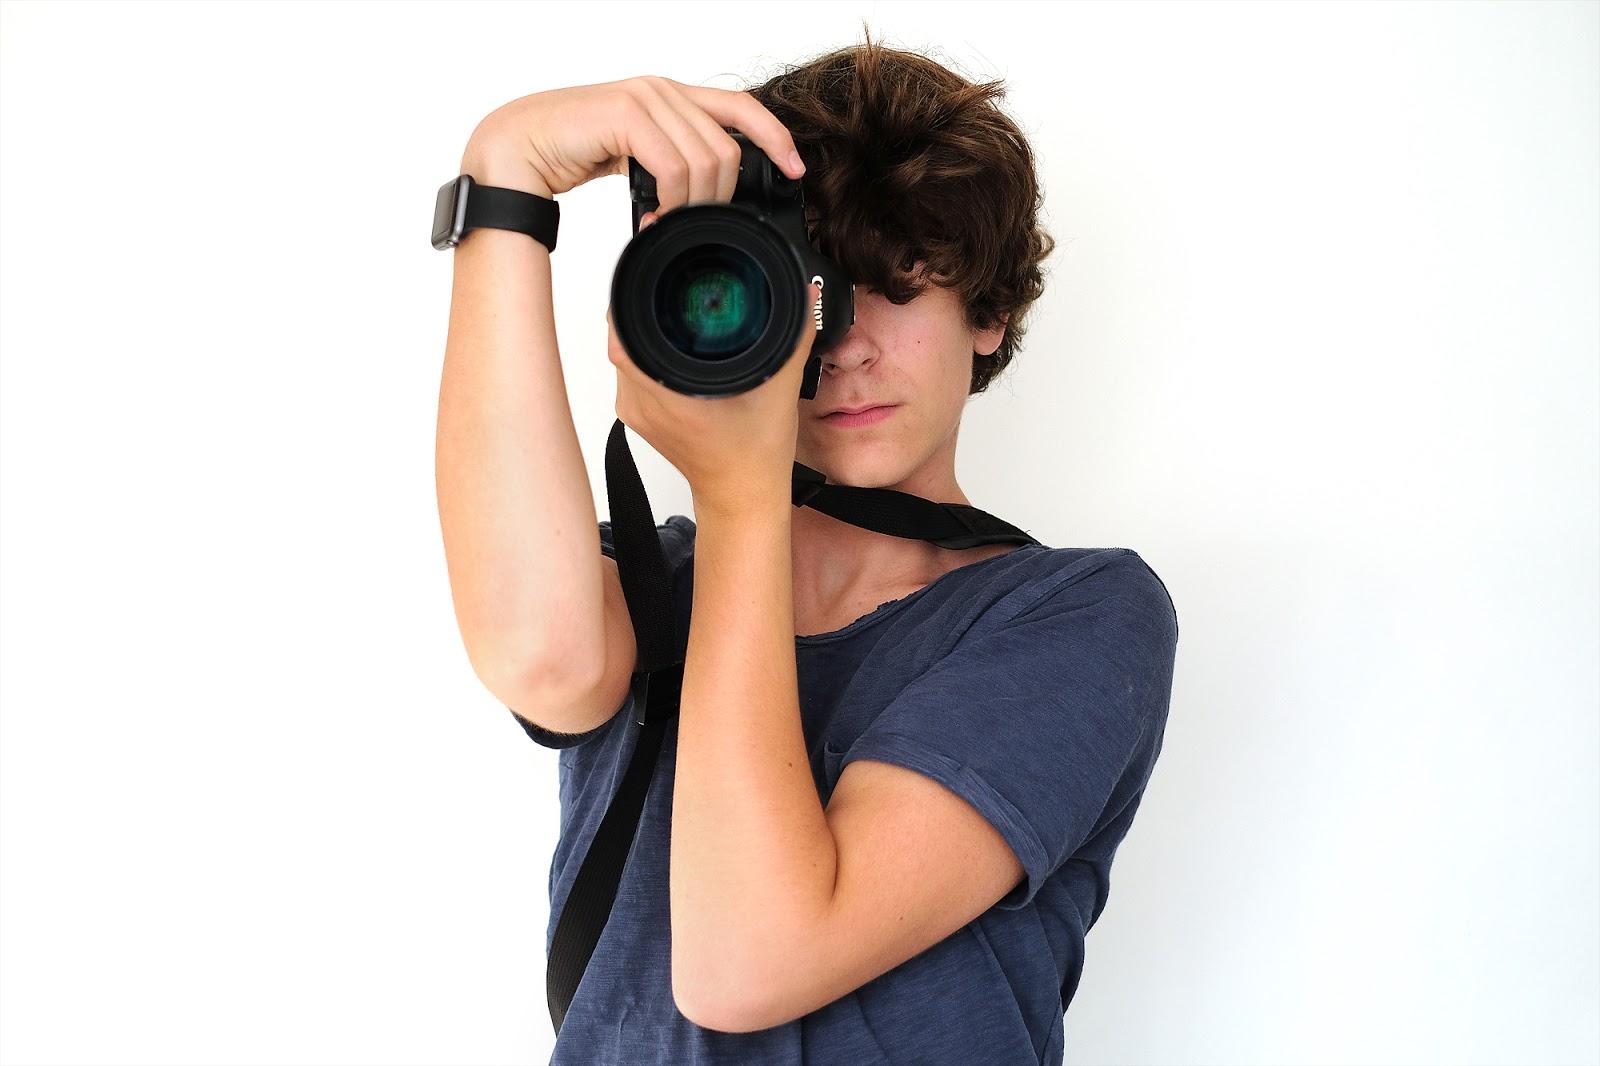 Verkeerde houding tijdens het vasthouden van een camera en lens tijdens het fotograferen